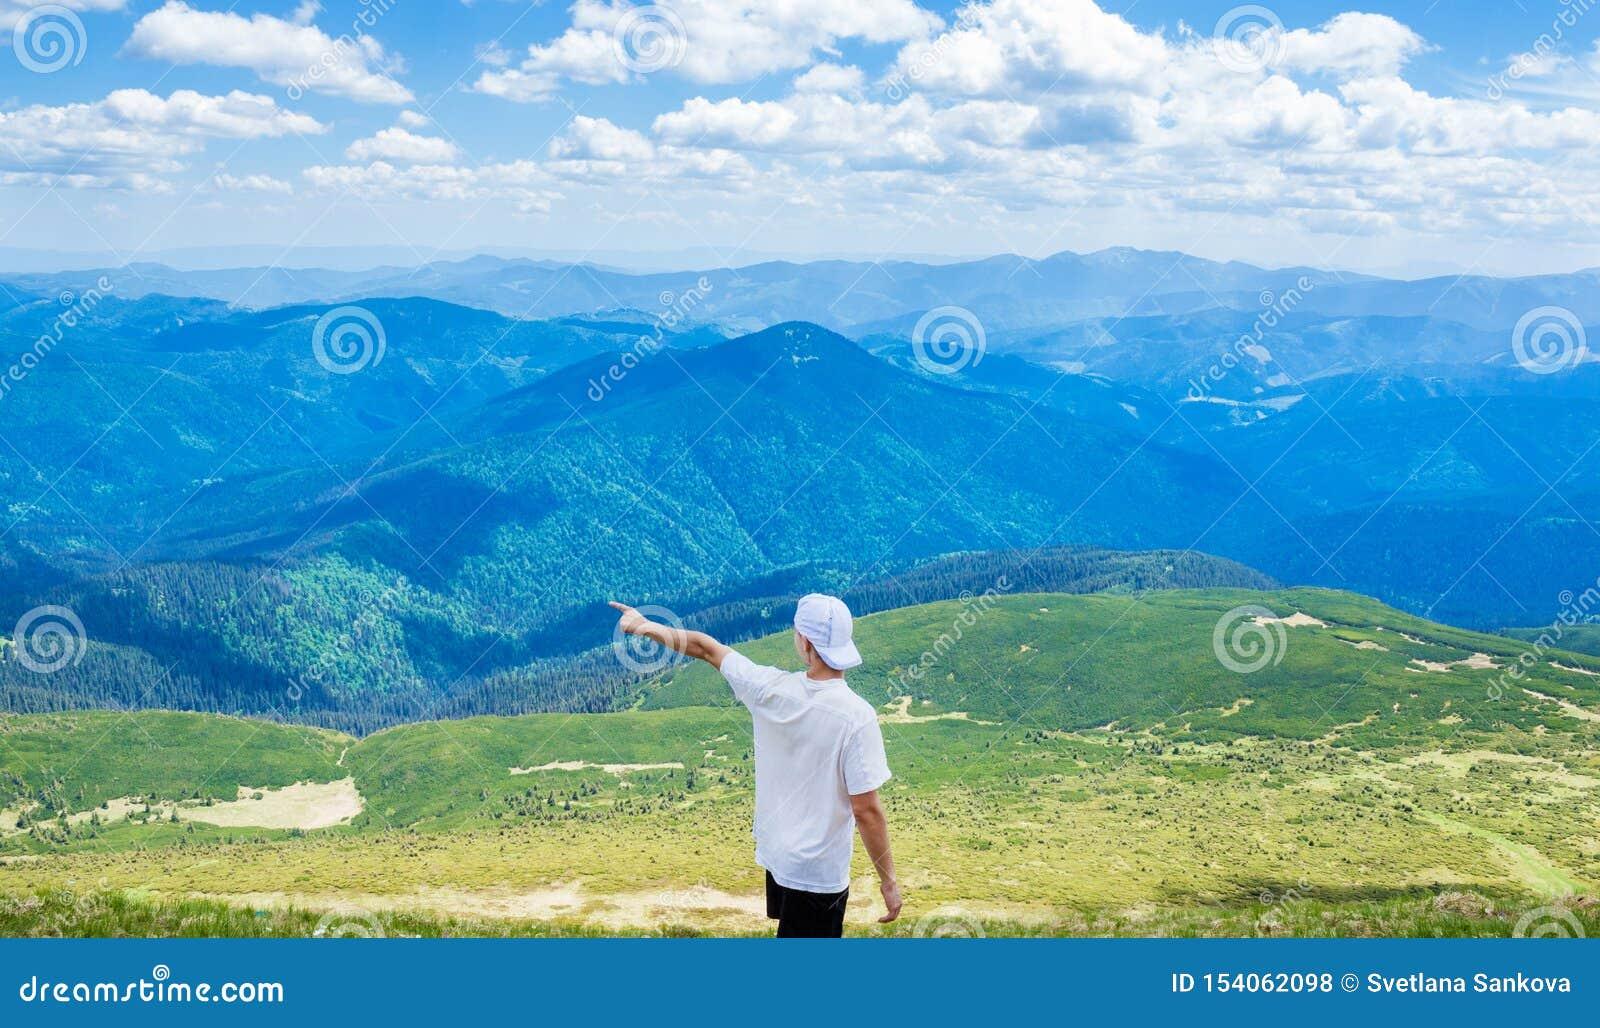 Wandelende mens die op iets met zijn hand richt Hipster het reizen De mens toont richting met zijn hand status